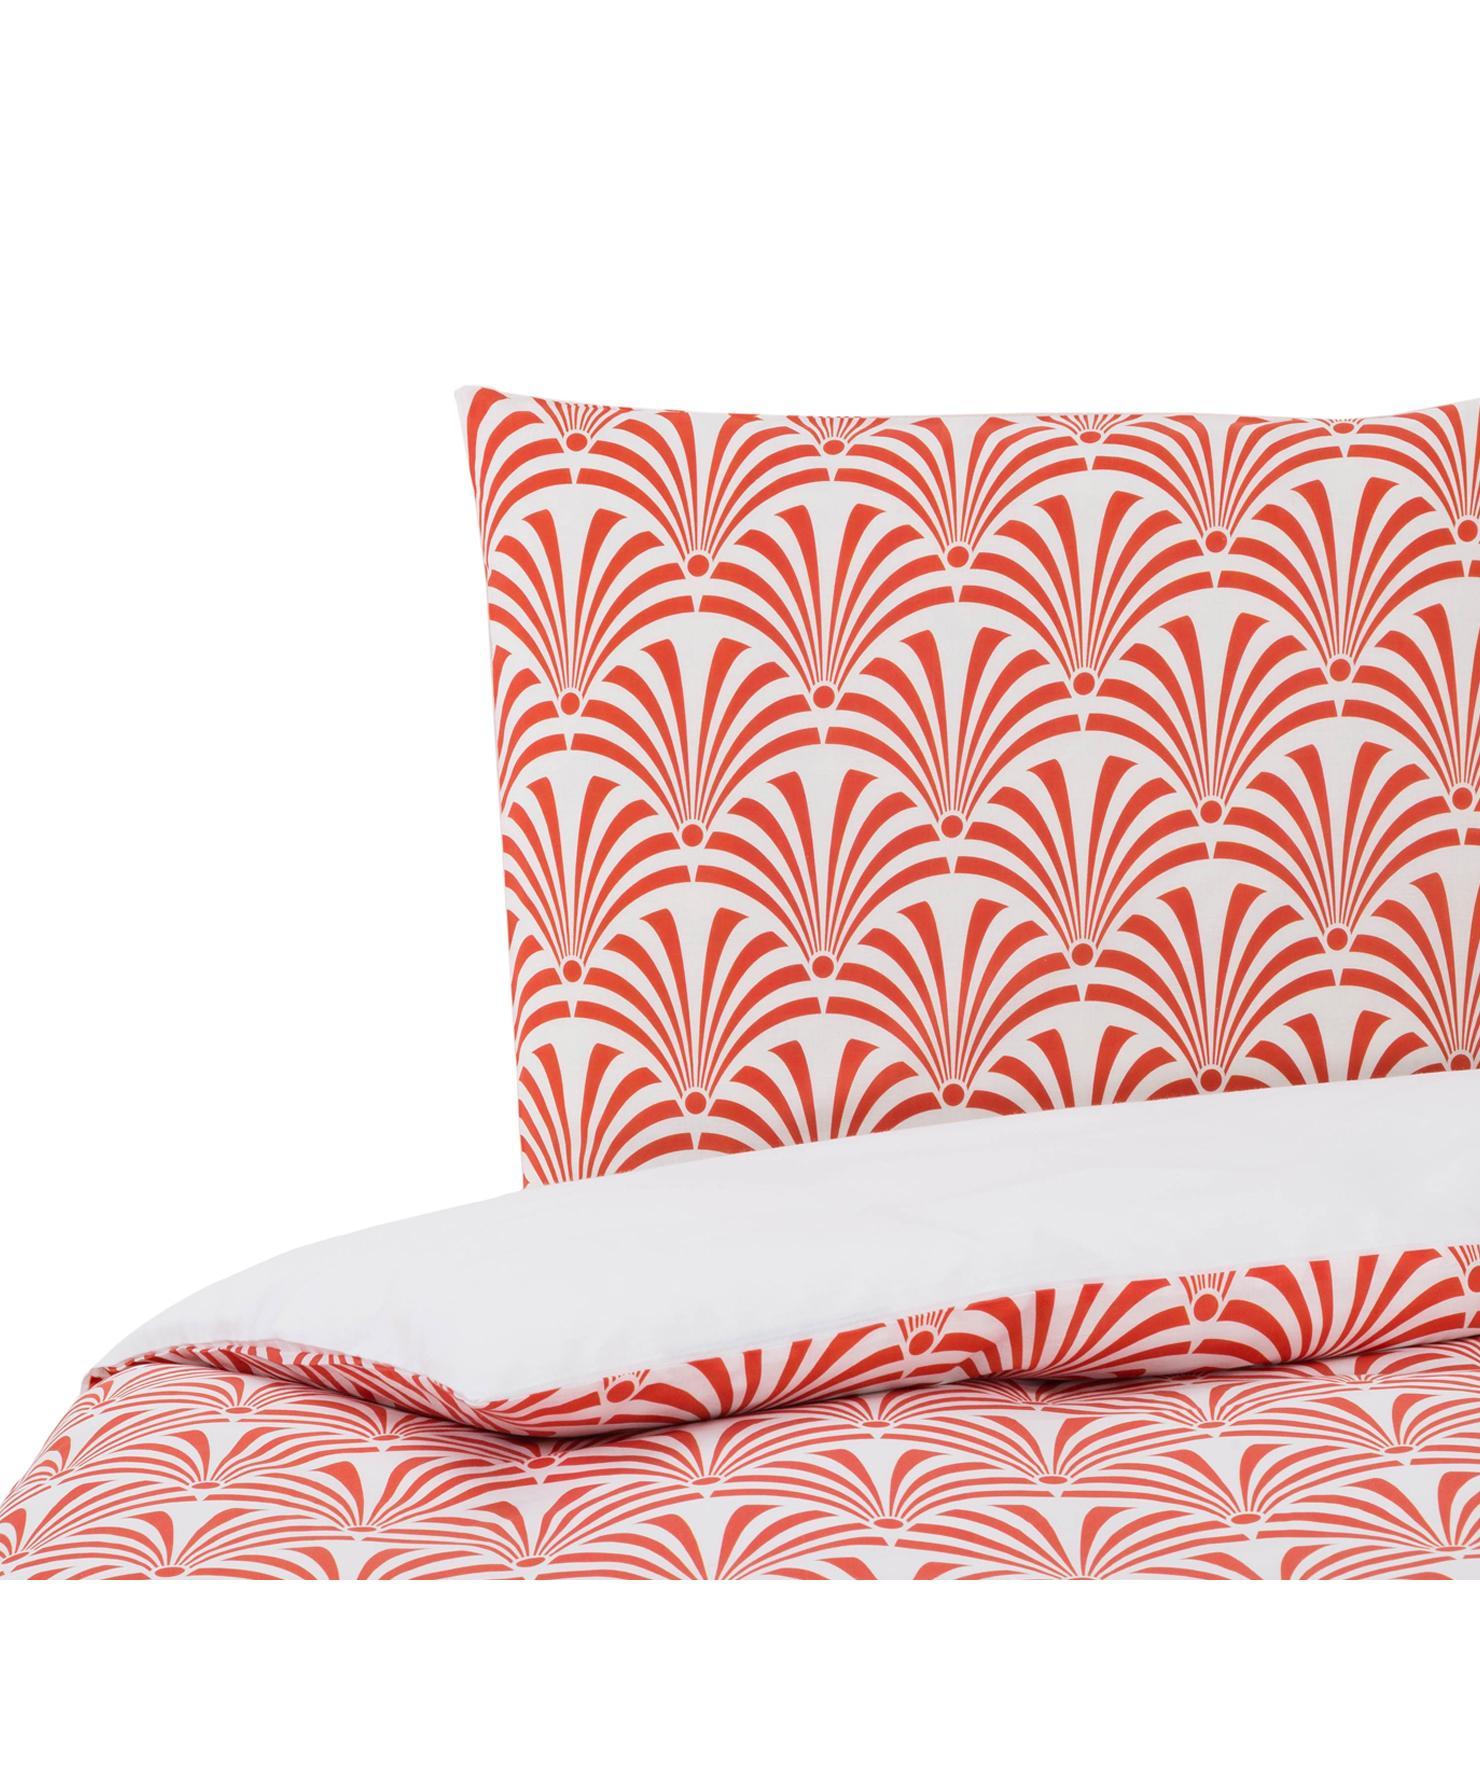 Dubbelzijdig dekbedovertrek Crone, Katoen, Bovenzijde: rood, wit. Onderzijde: wit, 140 x 200 cm